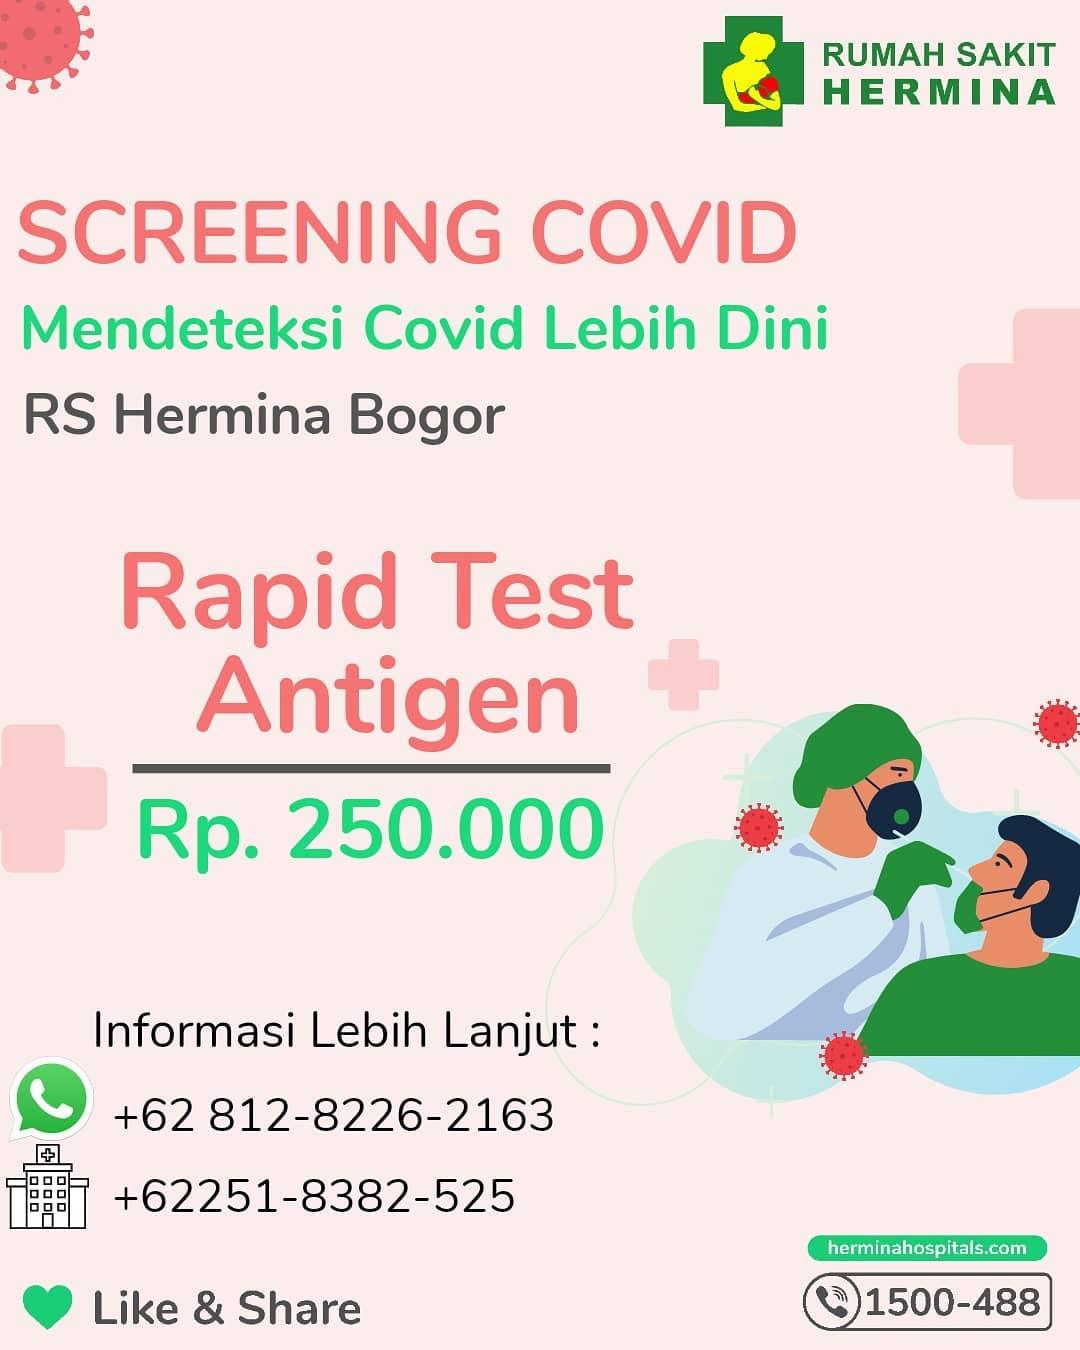 Rapid Test Antigen RS Hermina Bogor